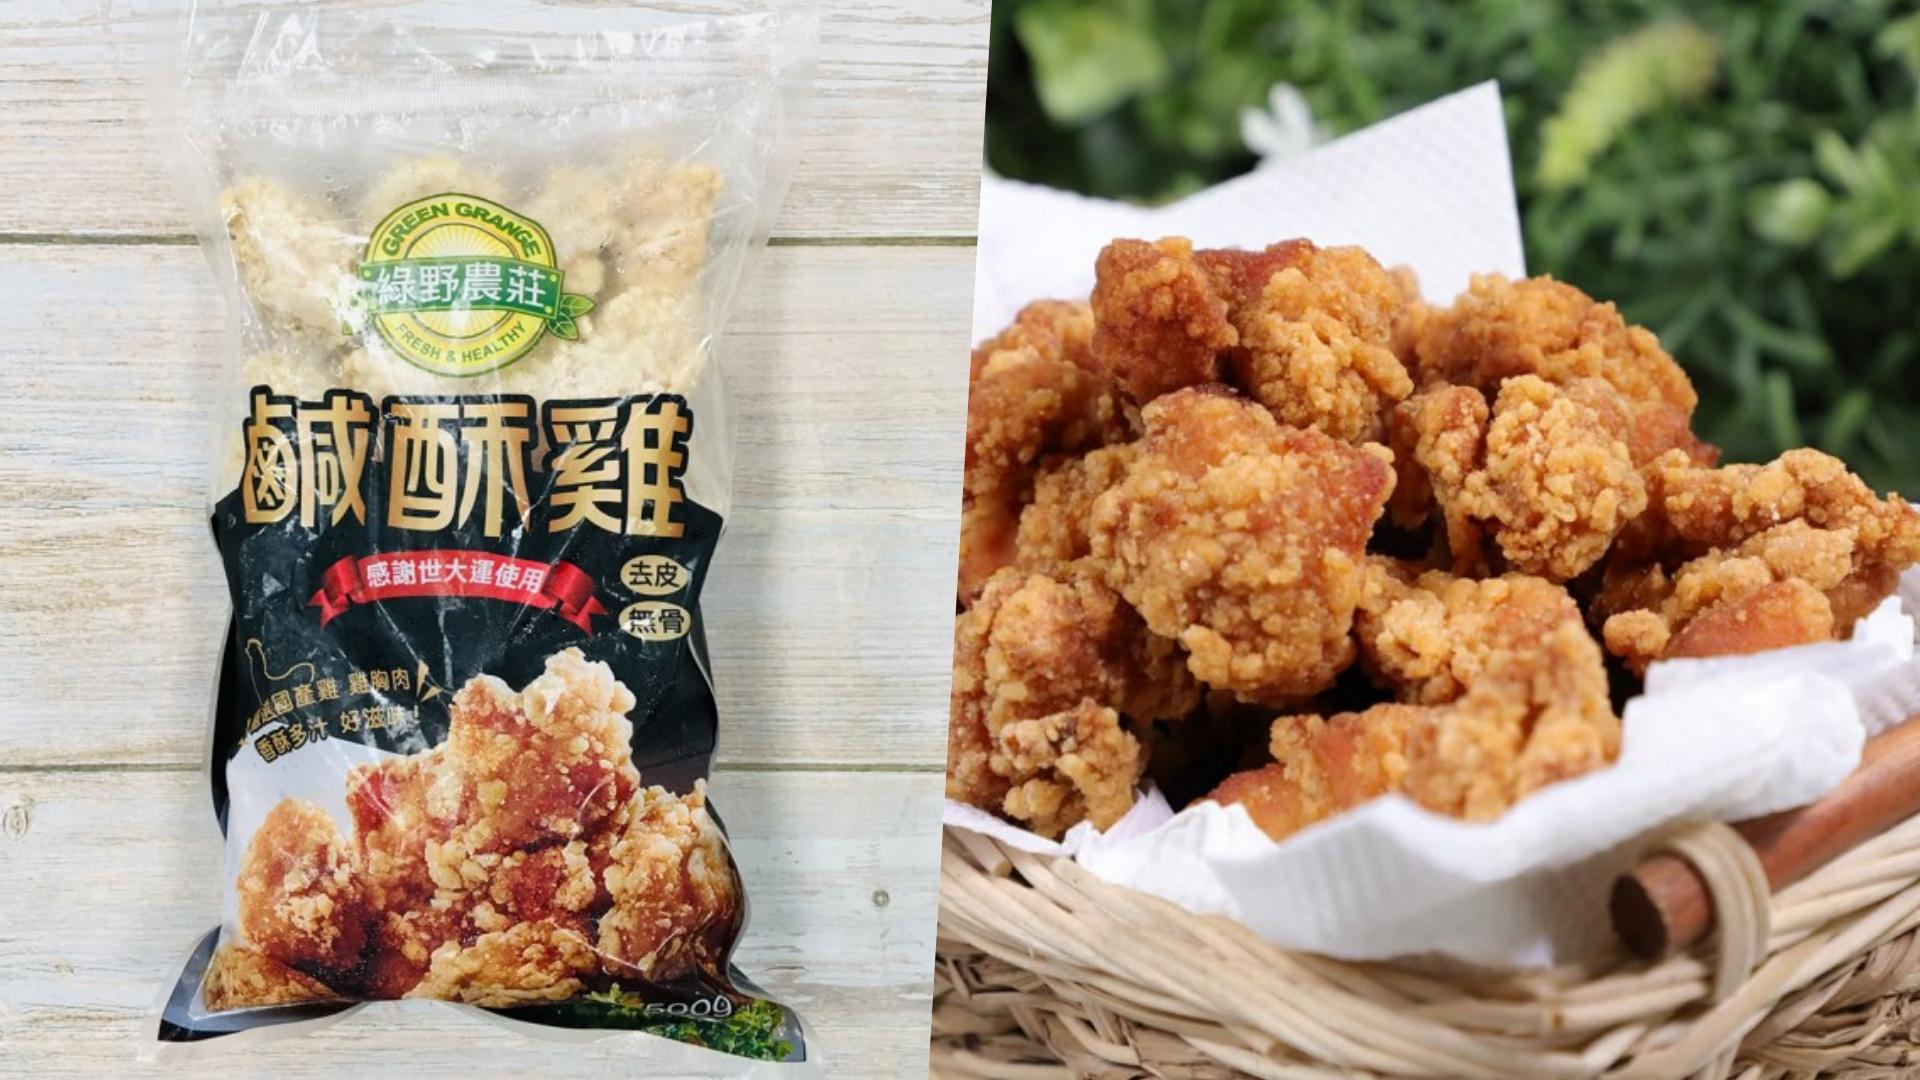 團購界超熱門的鹹酥雞,用氣炸鍋就能弄出酥脆不油膩的口感!